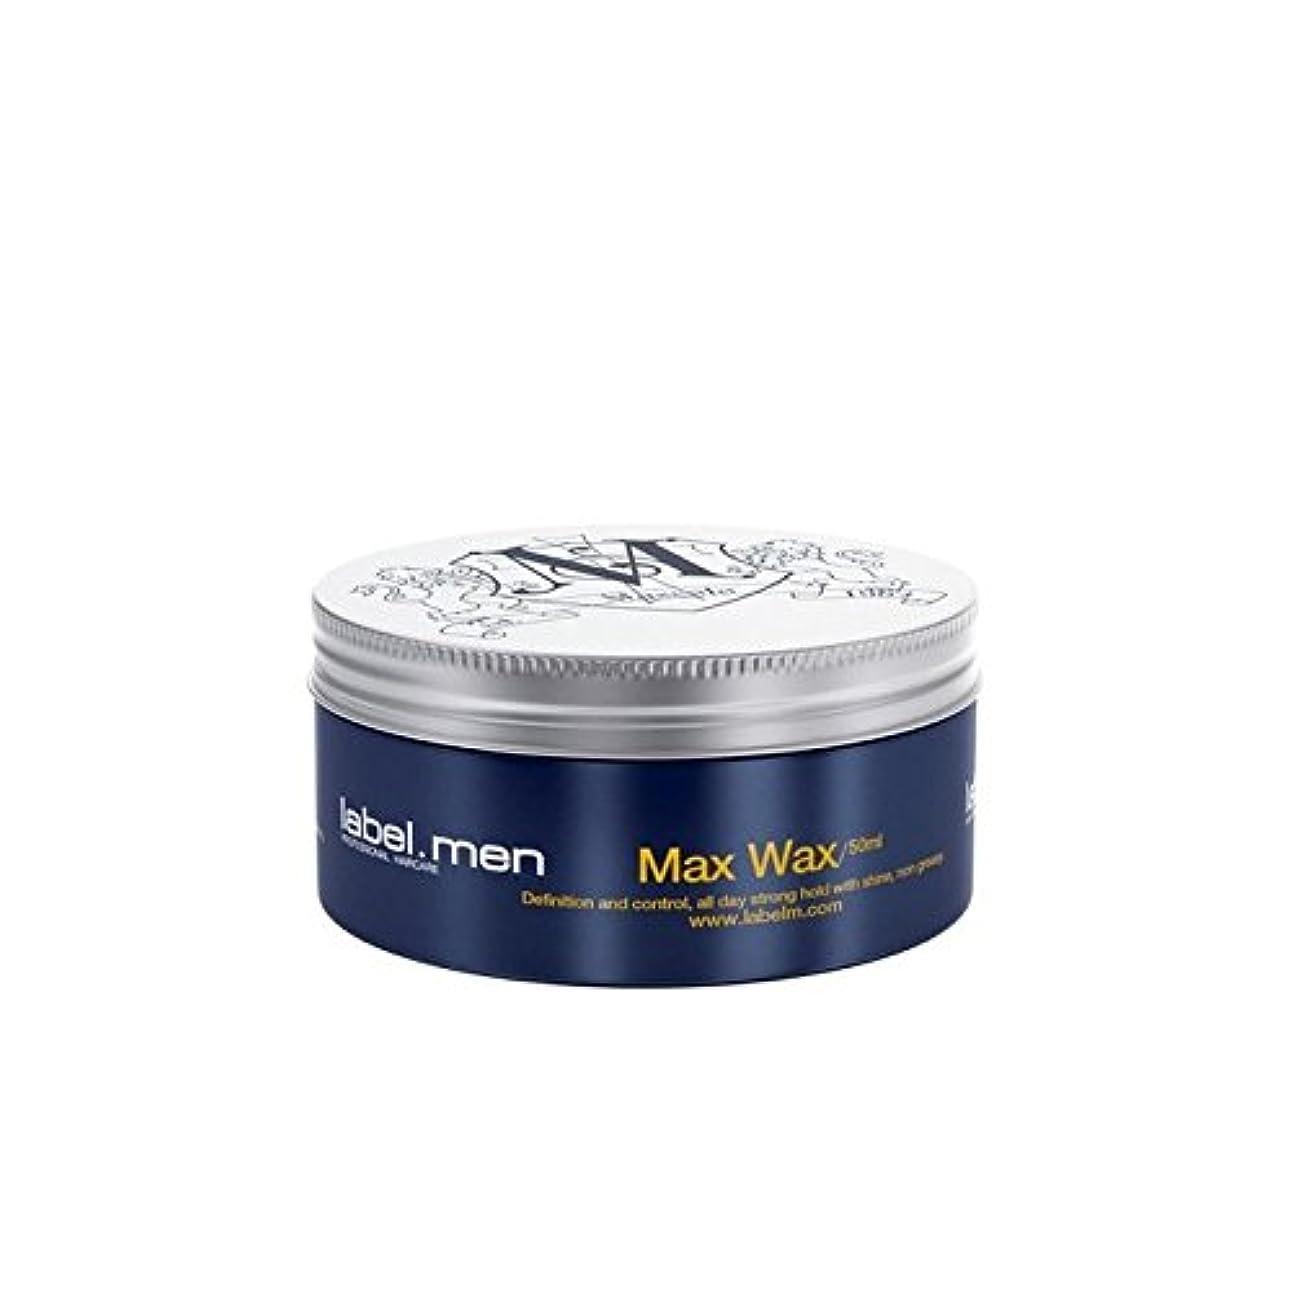 何十代の若者たちヒゲ.マックスワックス(50ミリリットル) x4 - Label.Men Max Wax (50ml) (Pack of 4) [並行輸入品]